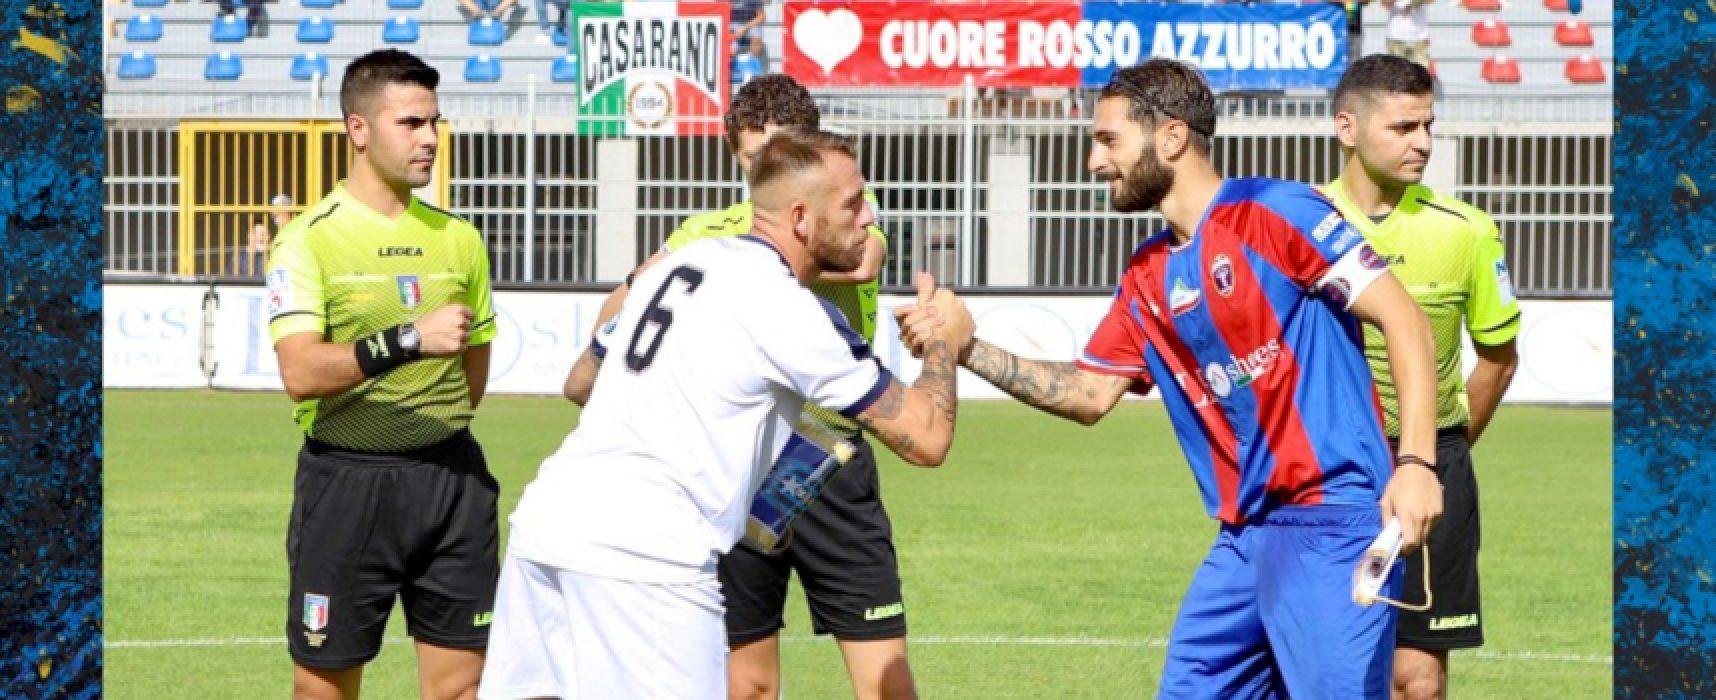 Bisceglie Calcio cerca continuità sul campo del Gravina